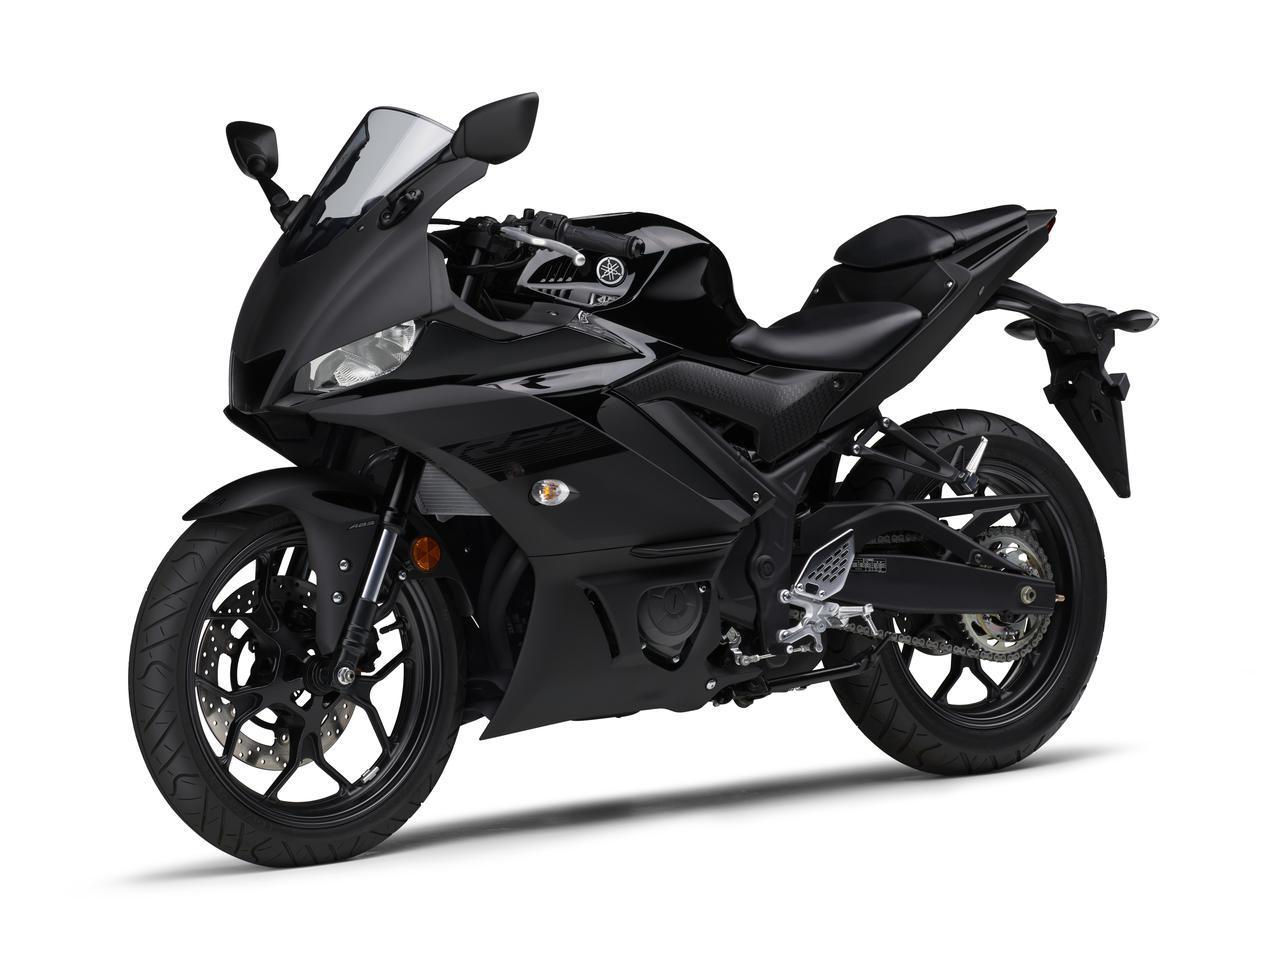 画像18: ヤマハ「YZF-R25/ABS」「YZF-R3 ABS」の2020年モデルが2月14日(金)発売! 3色展開で、すべてニューカラー!